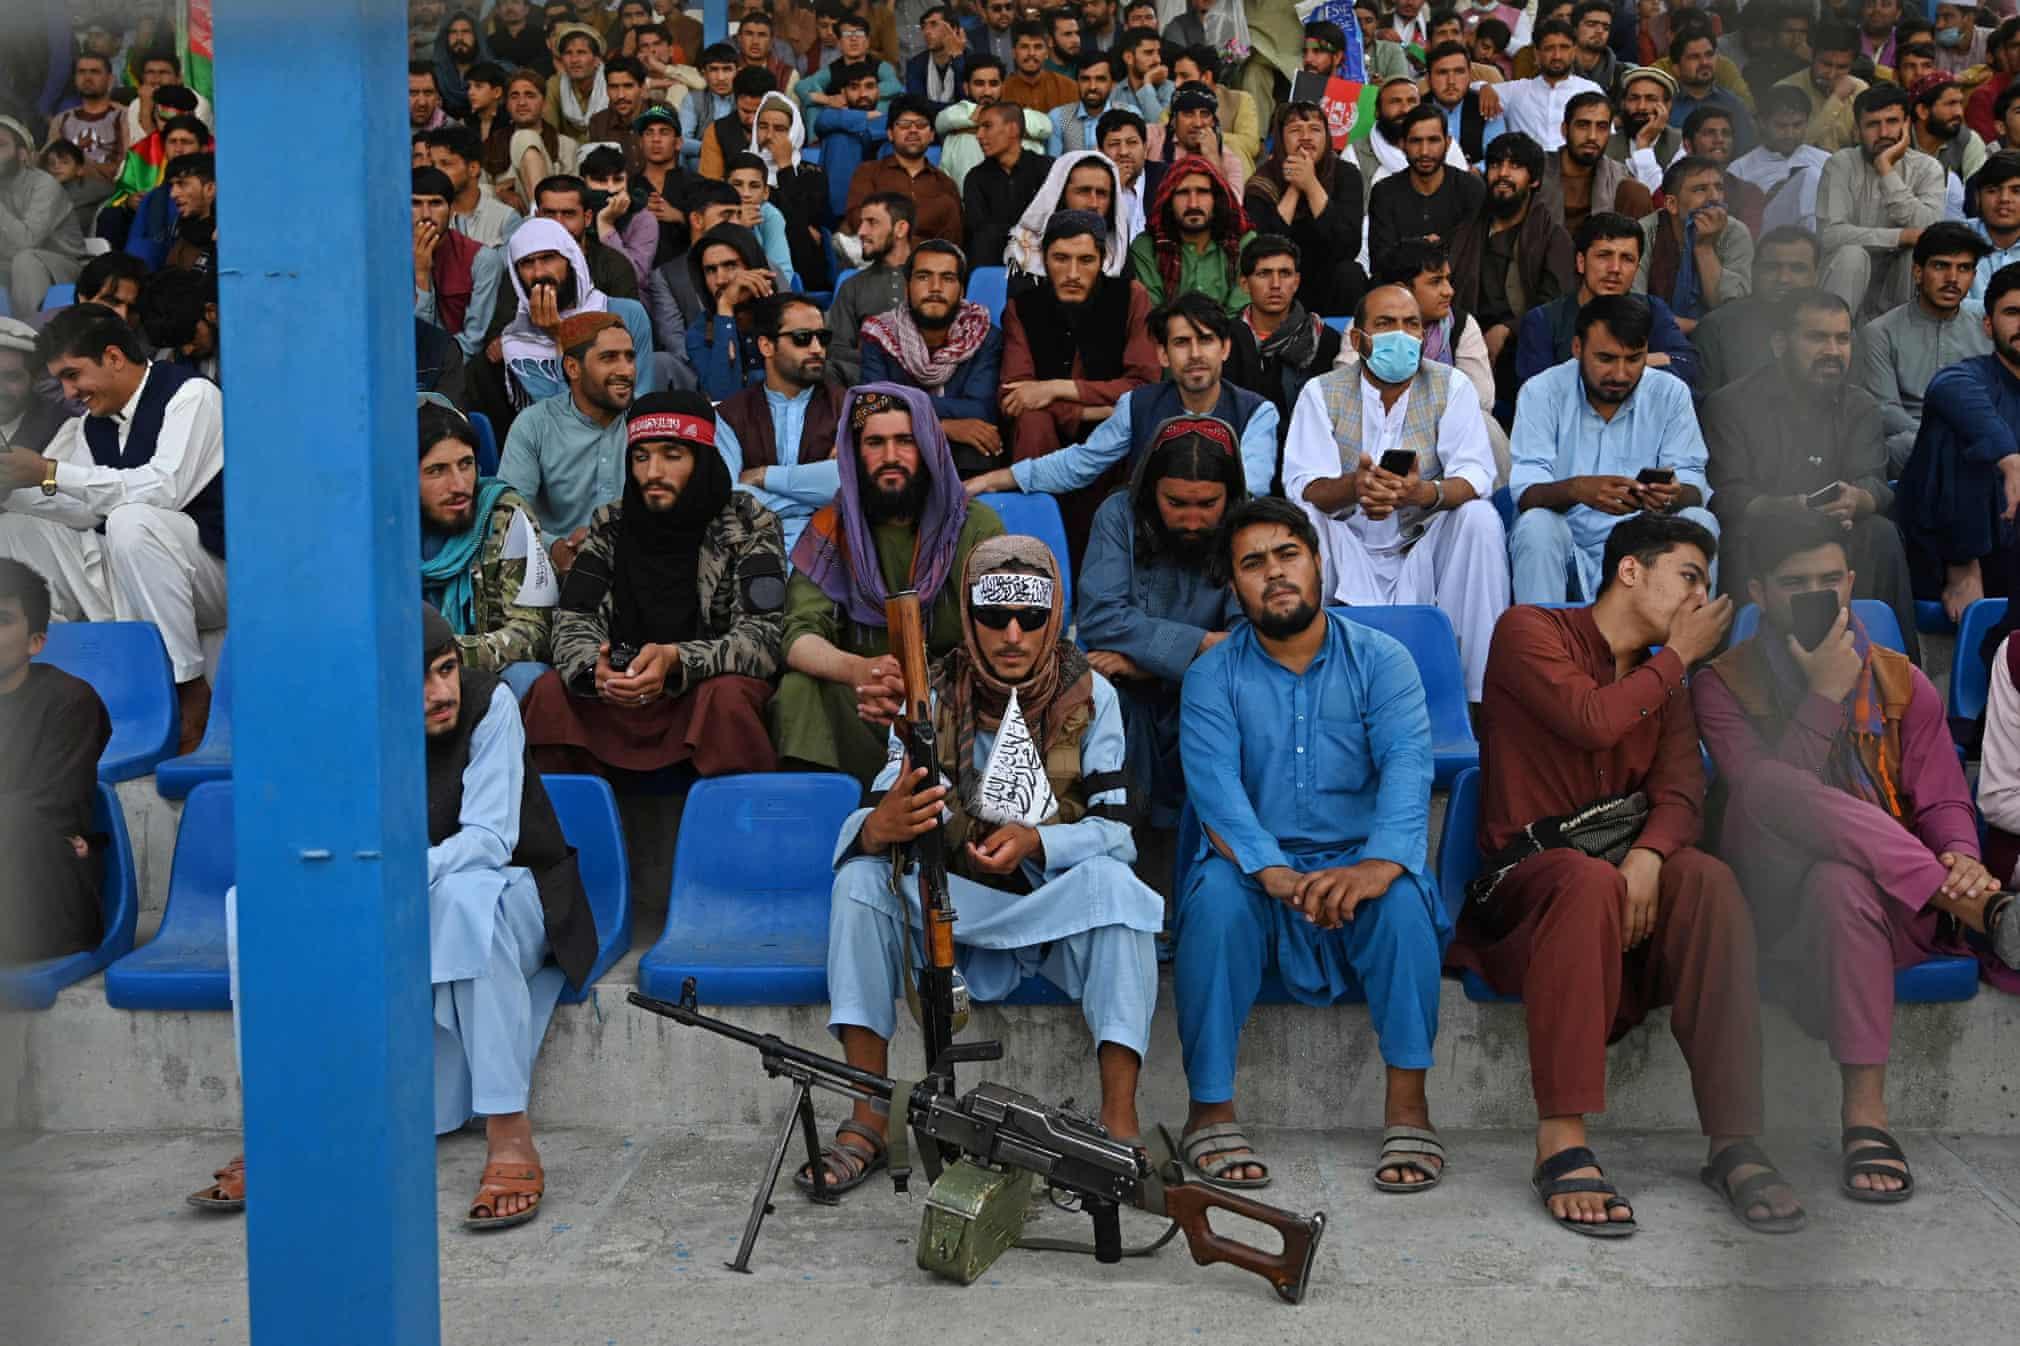 شبه نظامیان طالبان در حال تماشای مسابقه کریکت + عکس